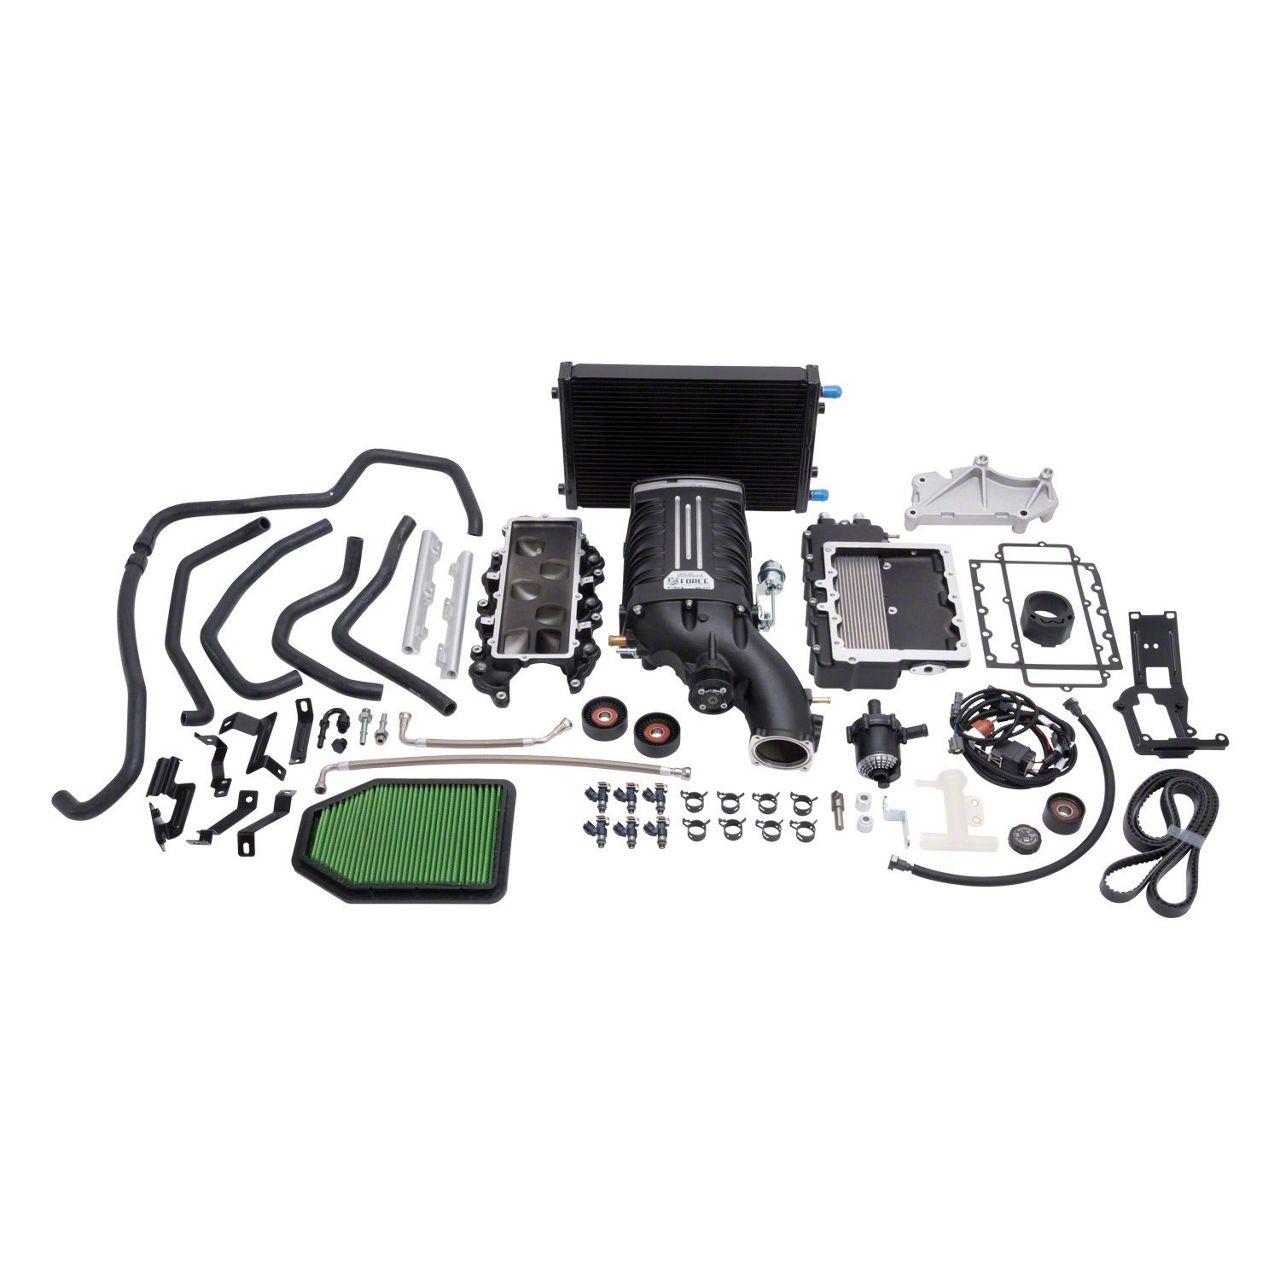 Edelbrock E-Force Stage 1 Street Supercharger Kit w/ Tuner (15-16 Jeep Wrangler JK)